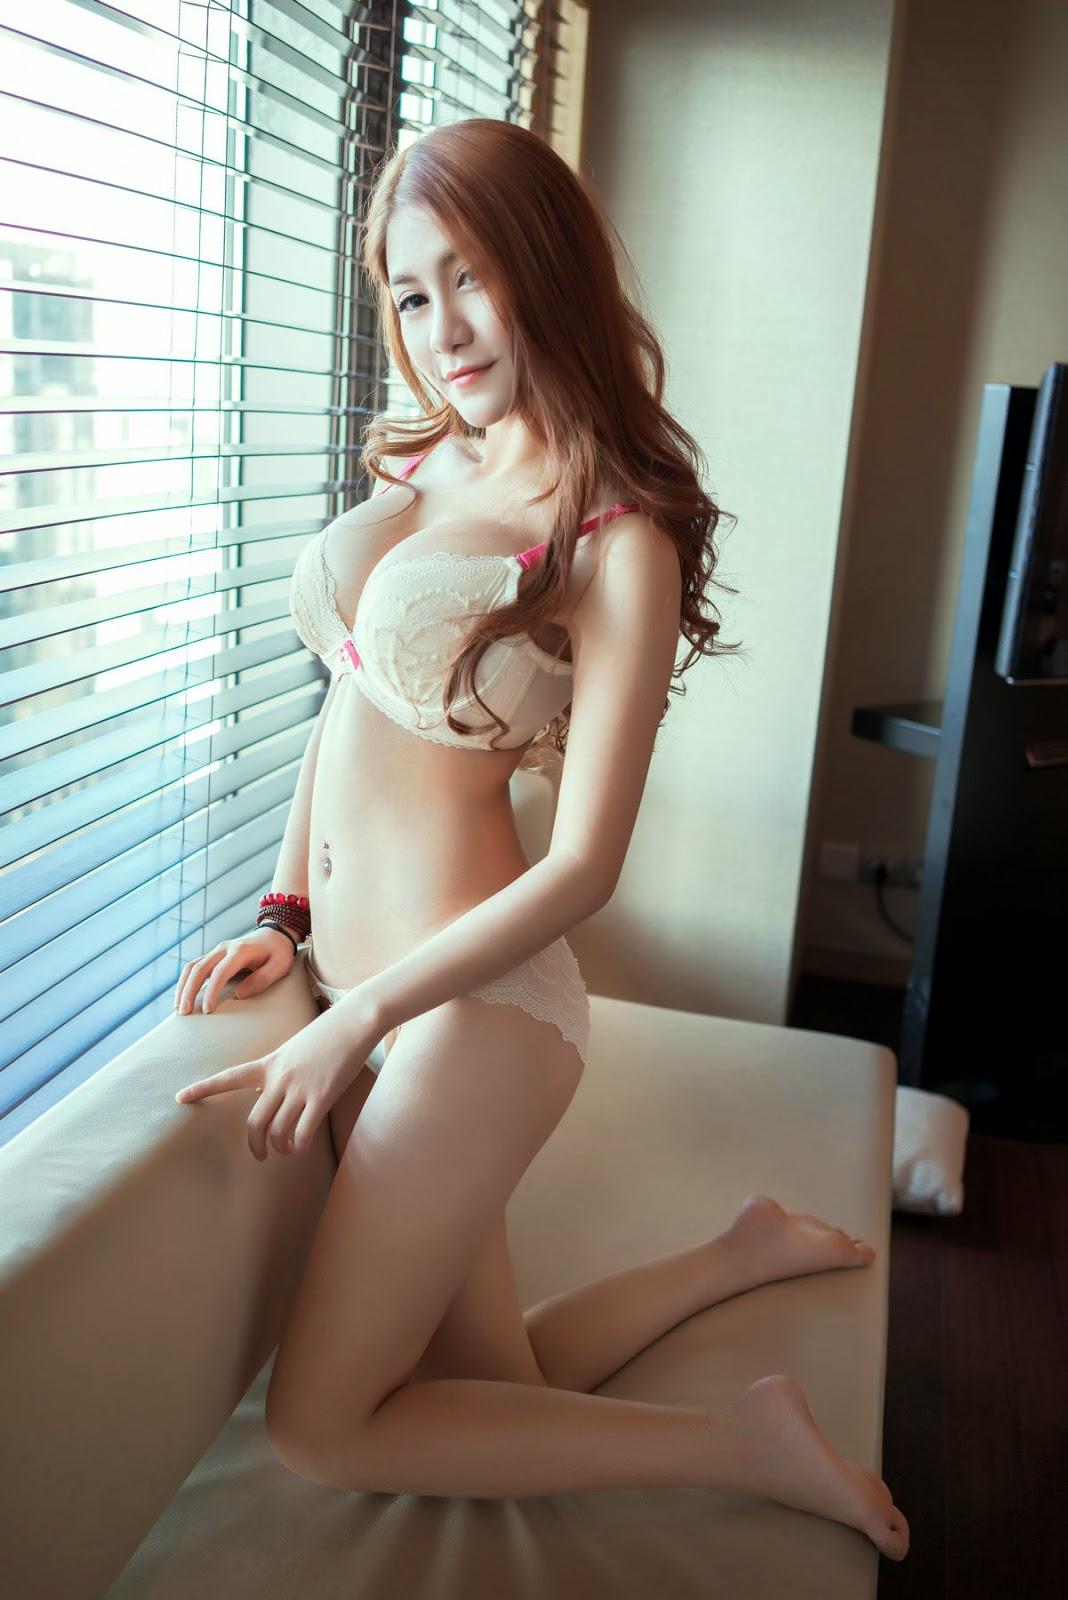 Li Qui Ci mẫu đồ lót cực khủng 6